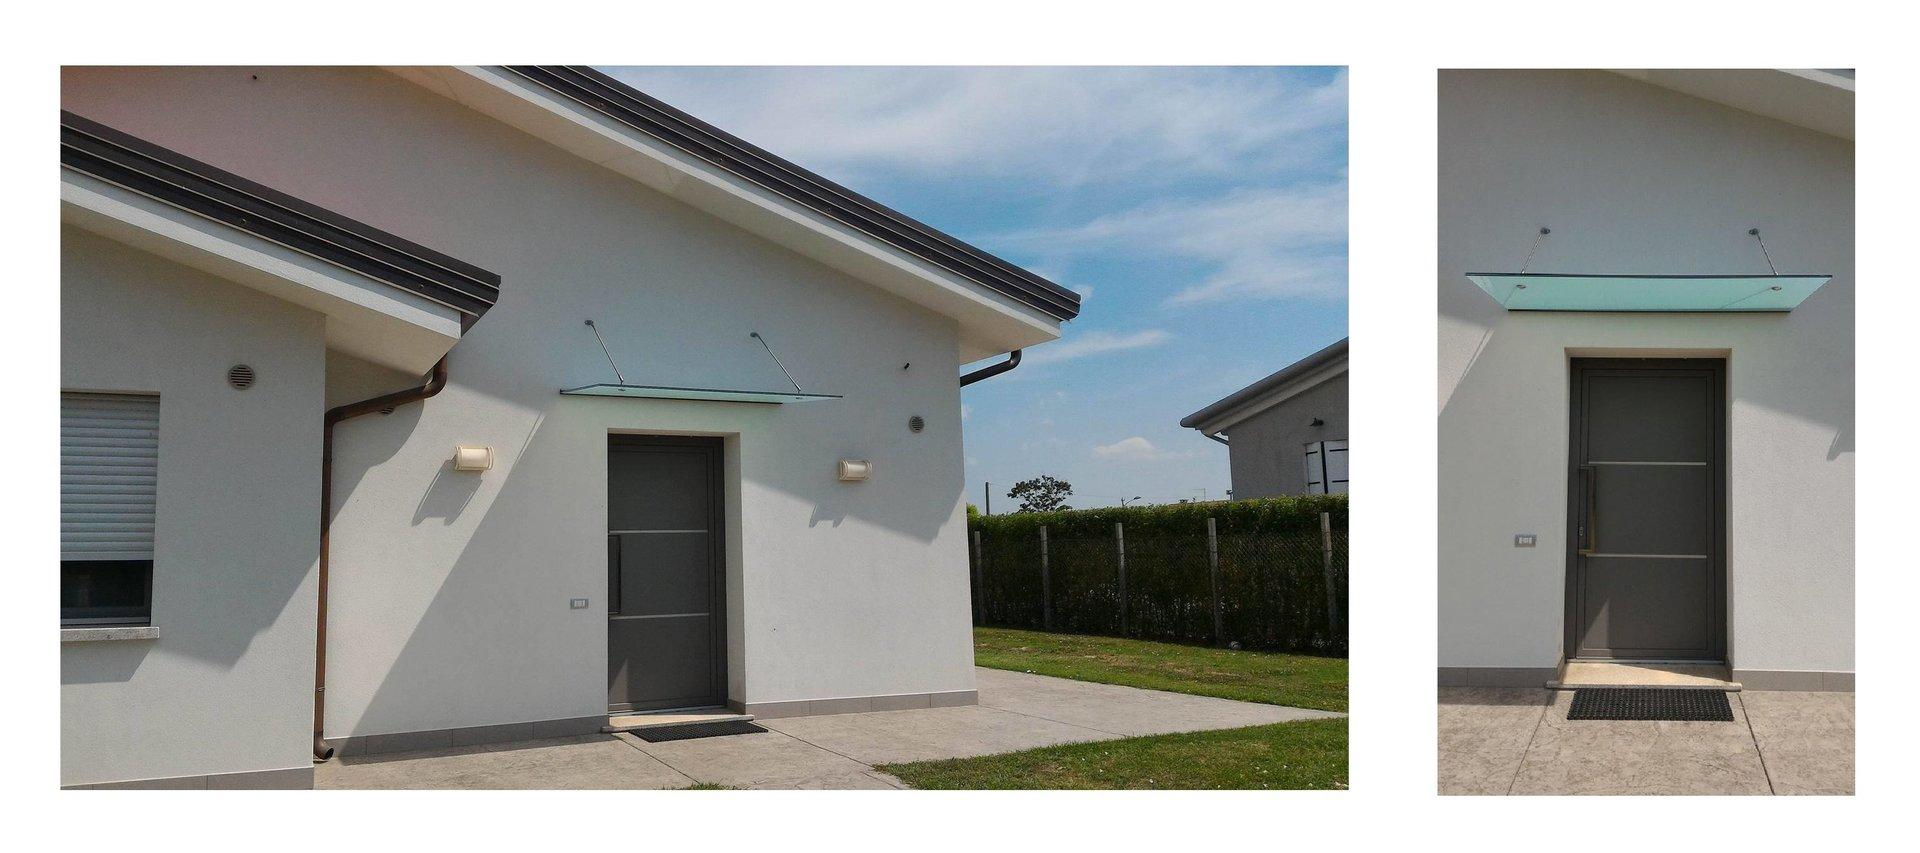 esterno di una casa con tettoia